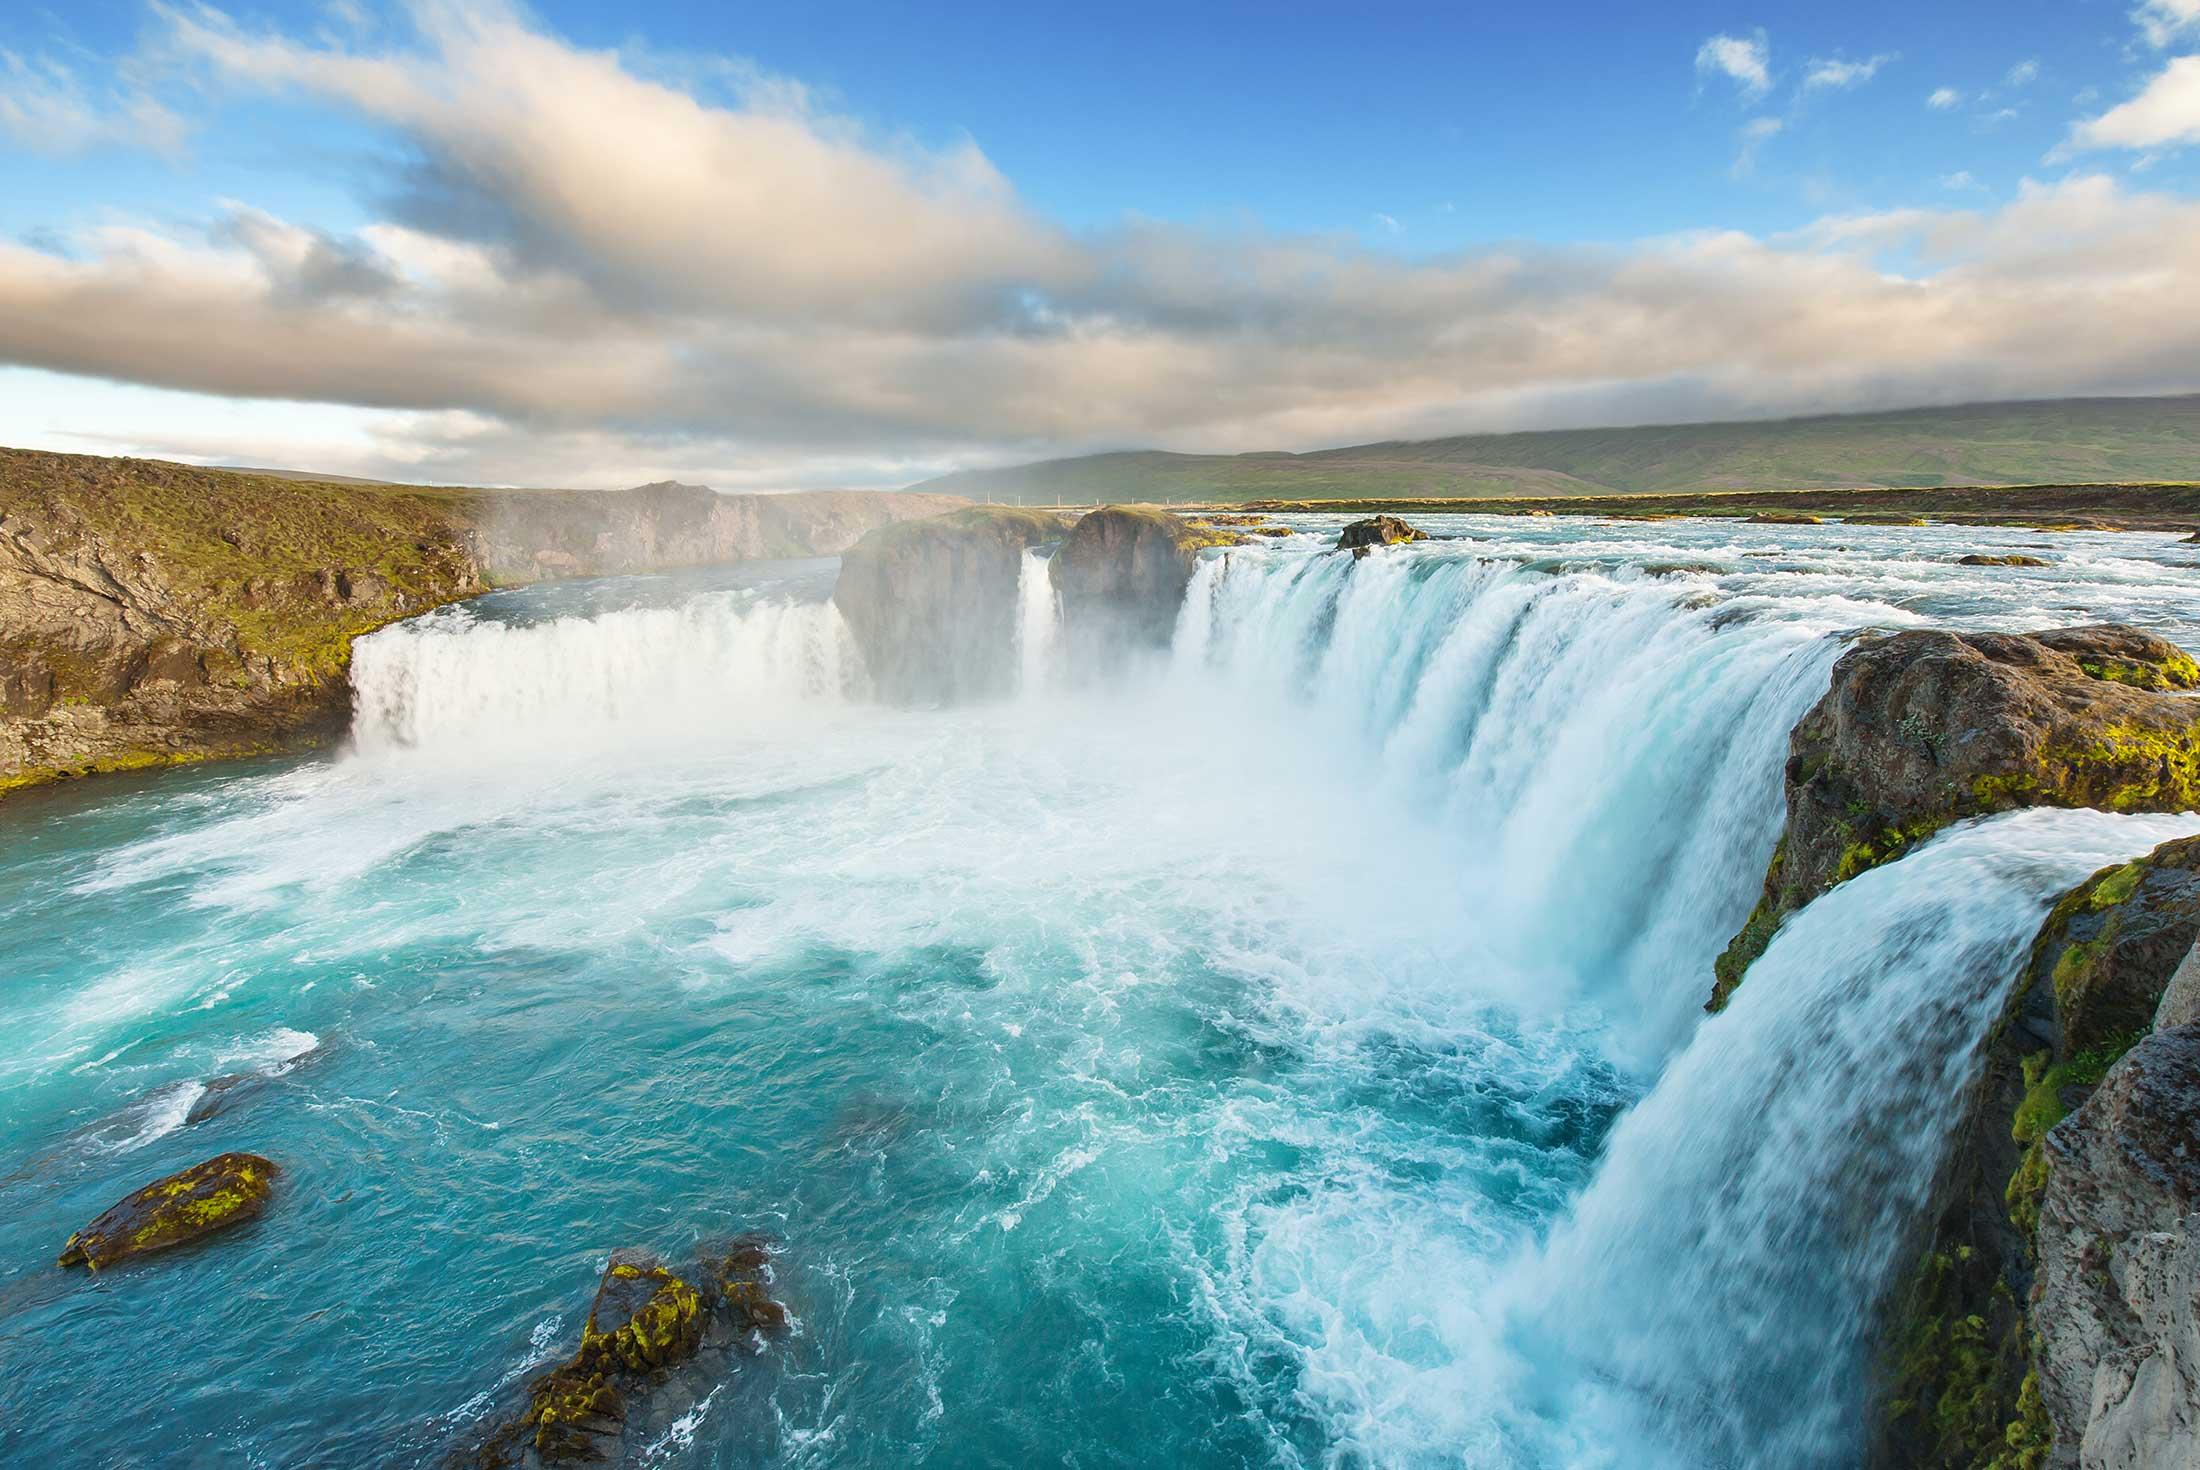 Cruising Iceland (The Icelandic) - Reykjavik to Akureyri 2